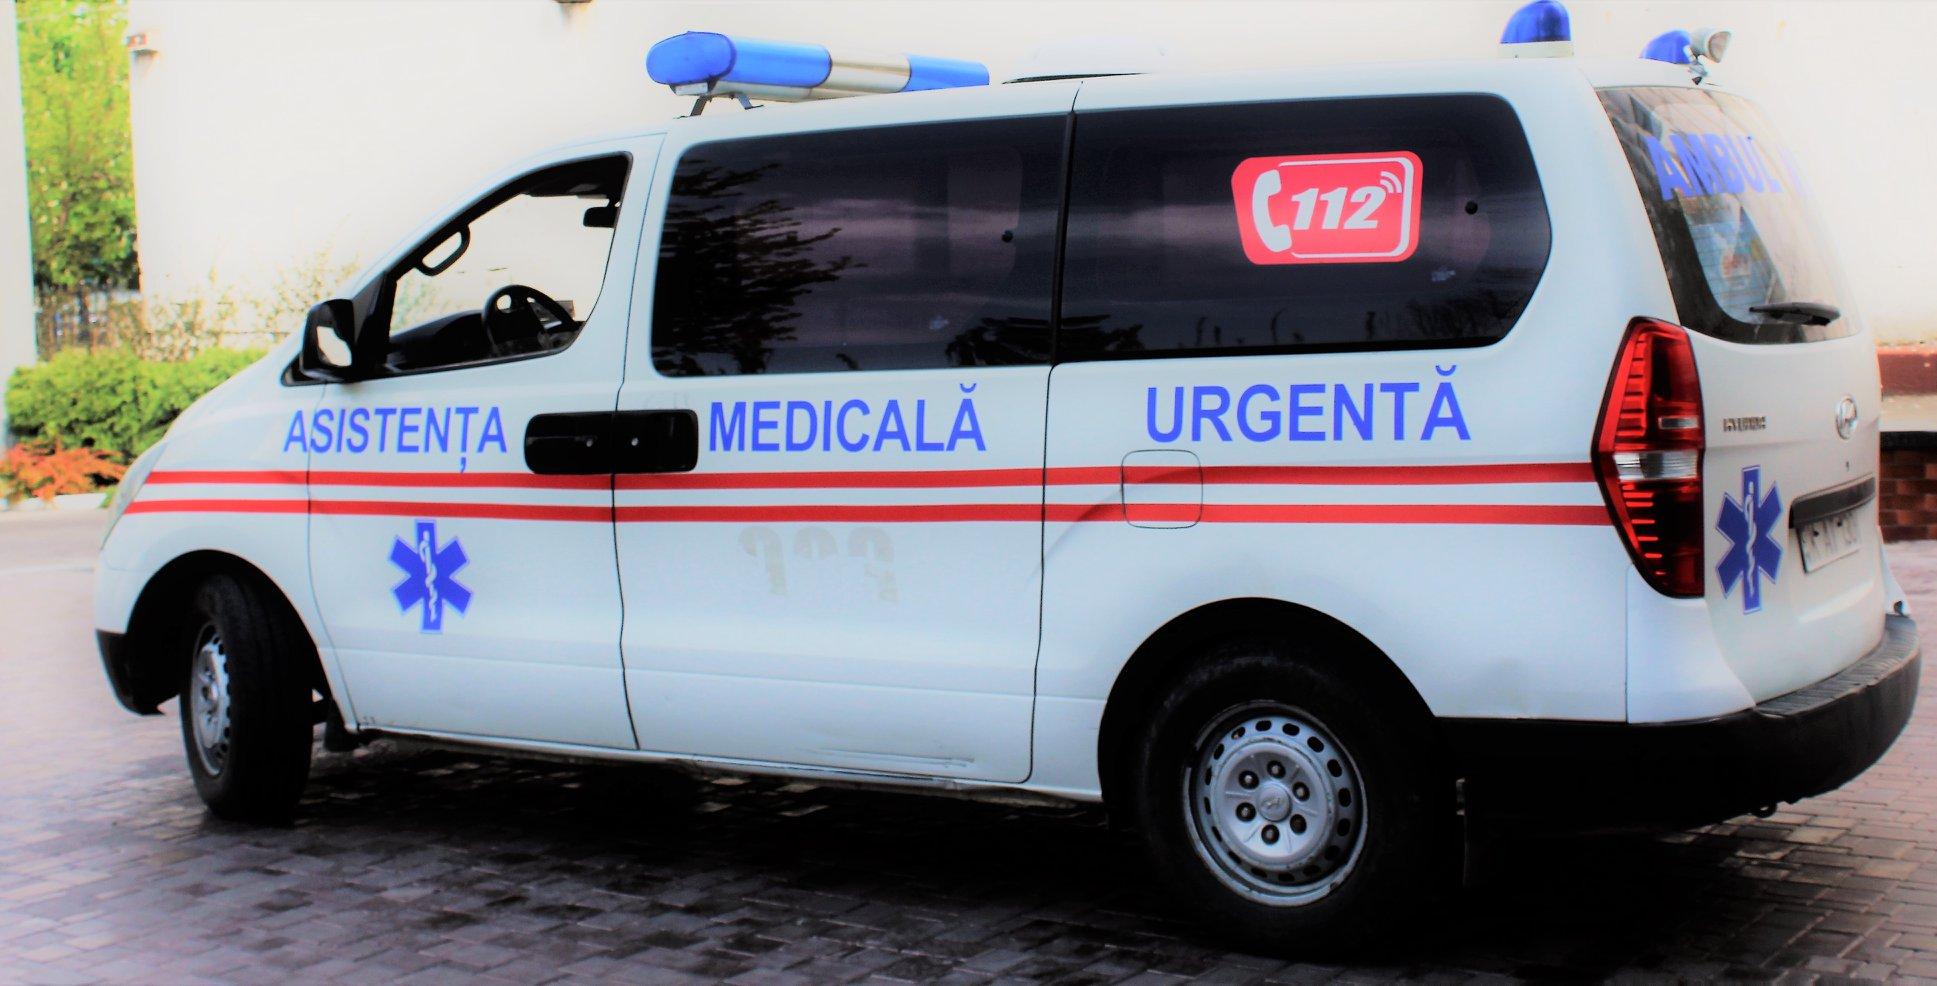 За последние 24 часа 418 детям в стране понадобилась скорая медицинская помощь